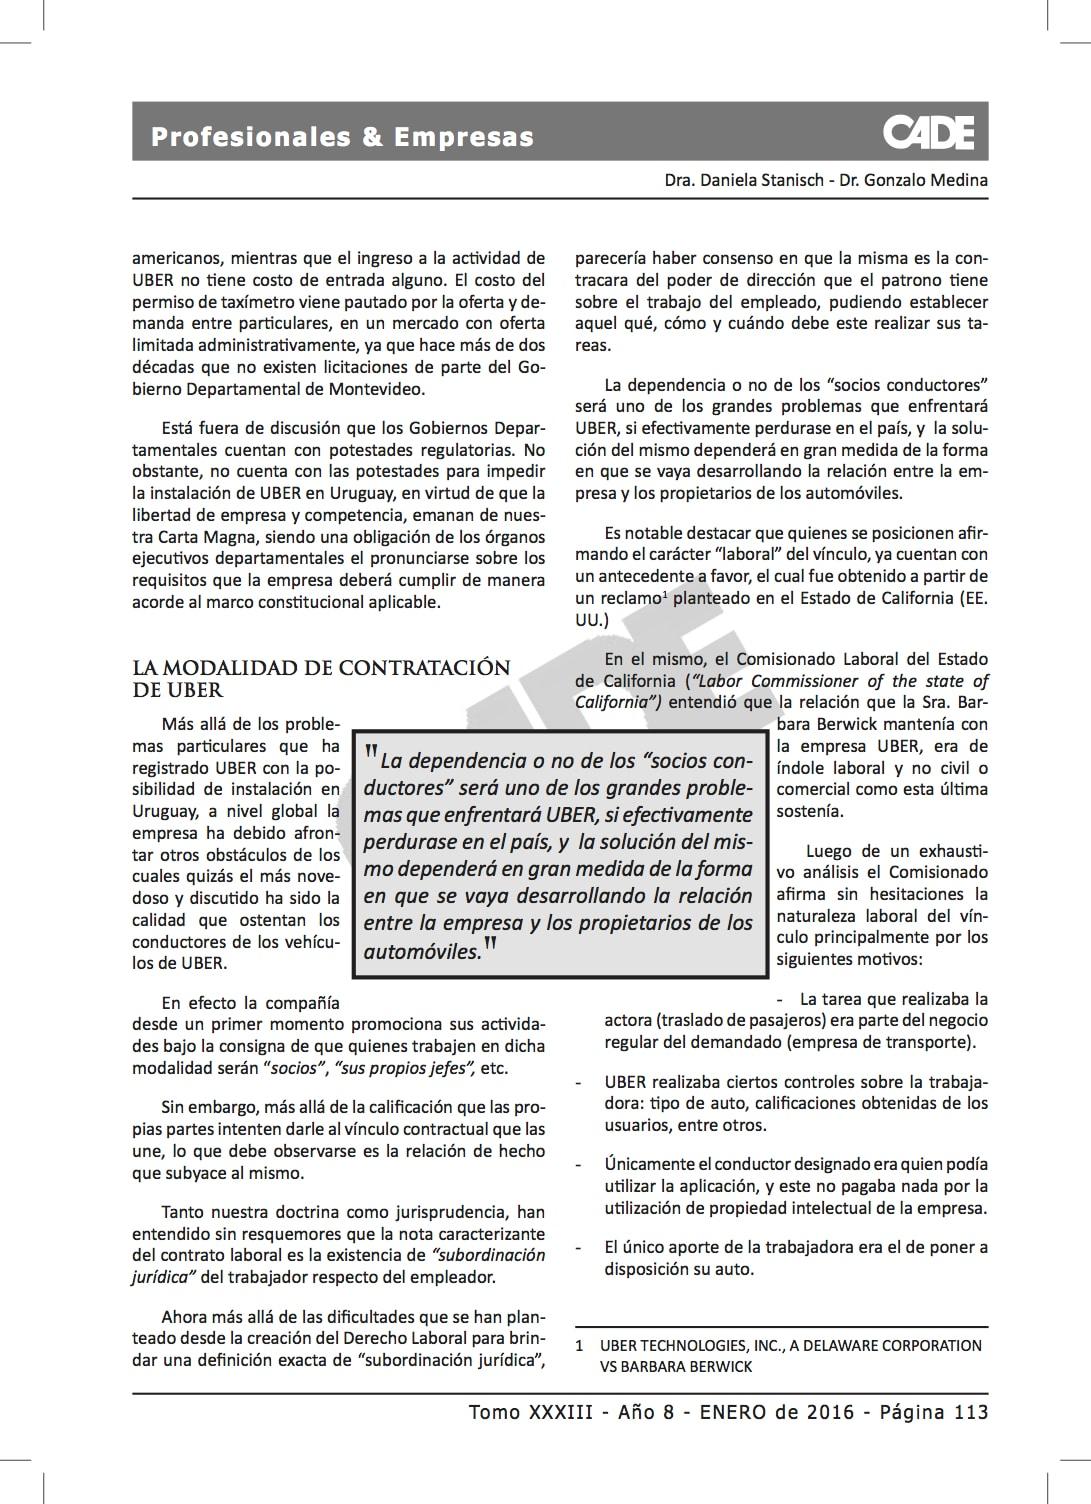 3 PROF & EMP. TOMO XXXIII UBER - SALDAIN